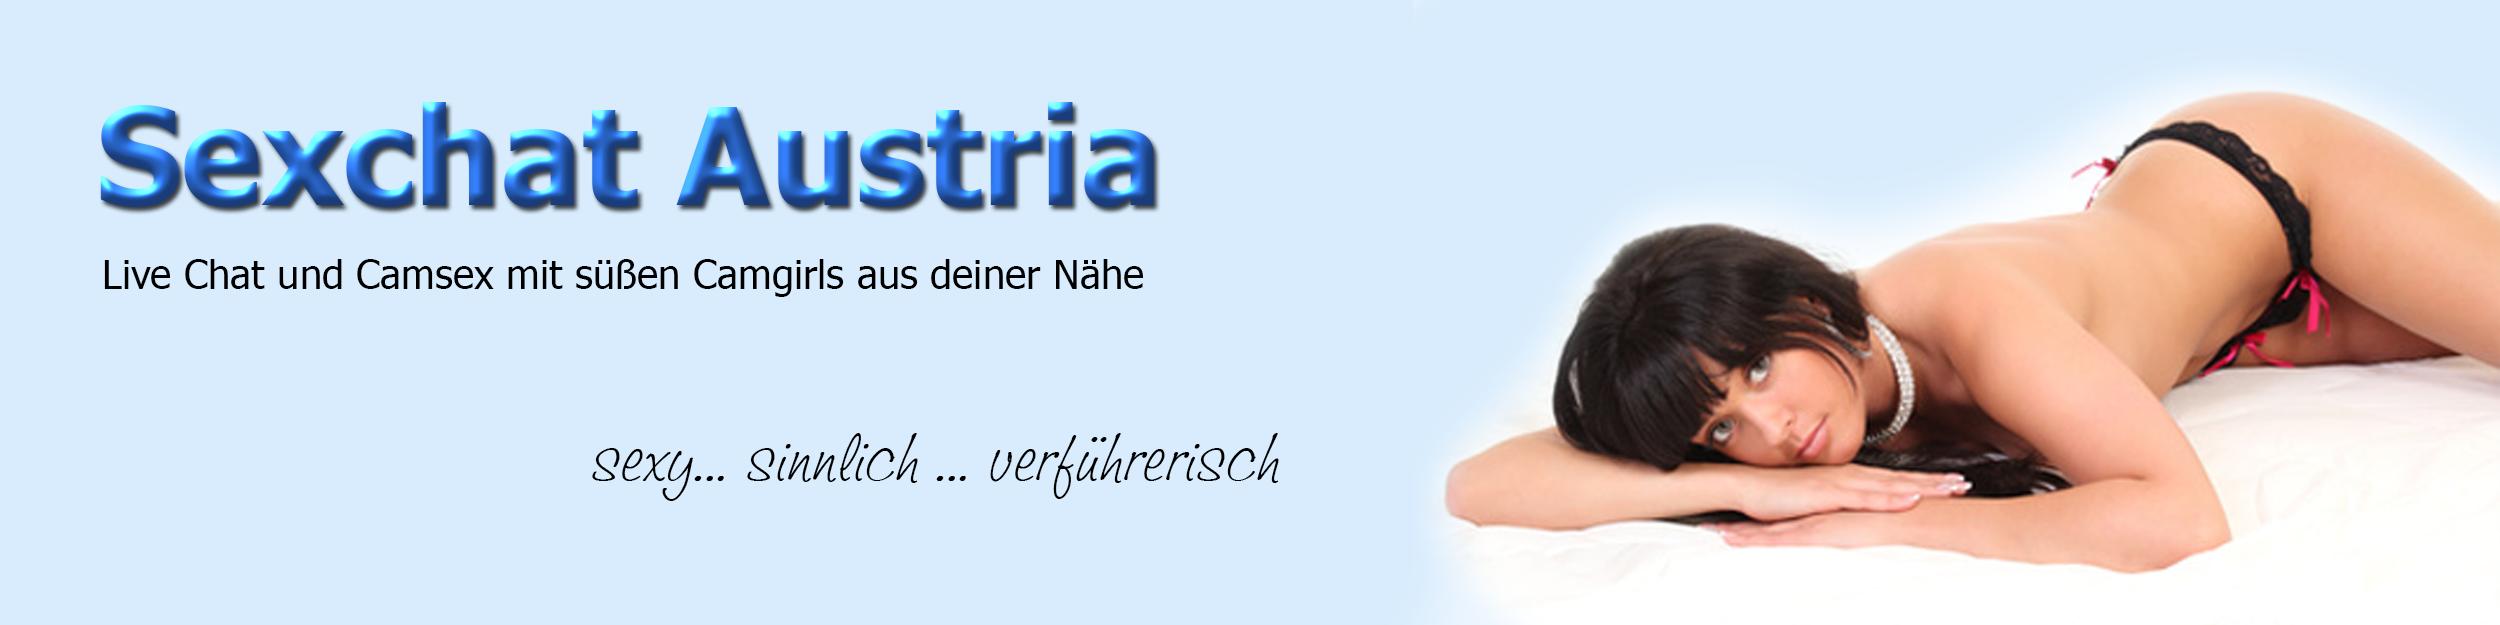 Sexchat Austria